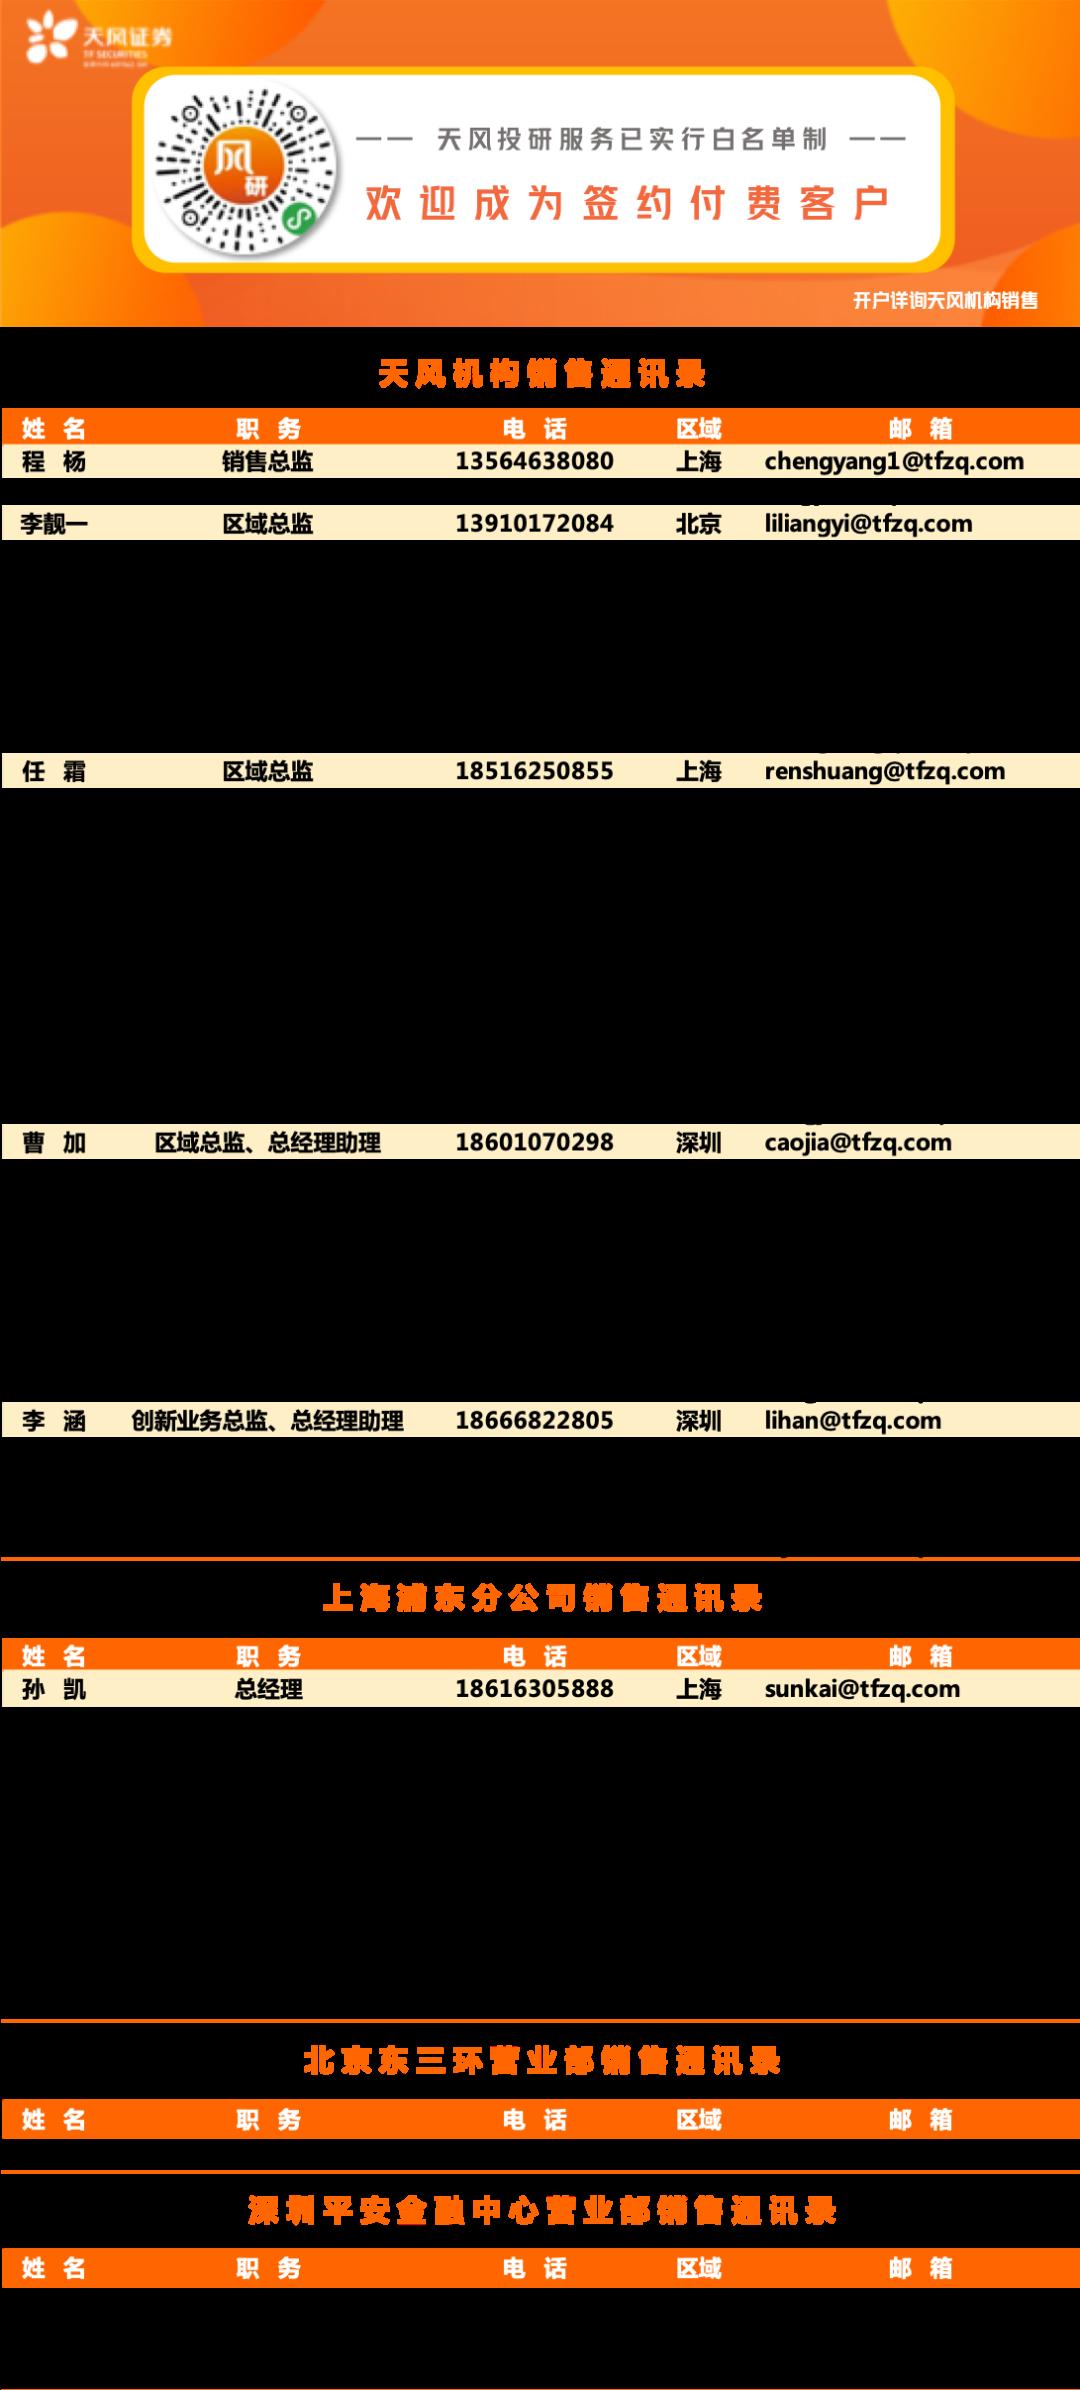 【通信&计算机】浩云科技(300448)首次覆盖:领先物联网平台服务商,开拓UWB广阔市场